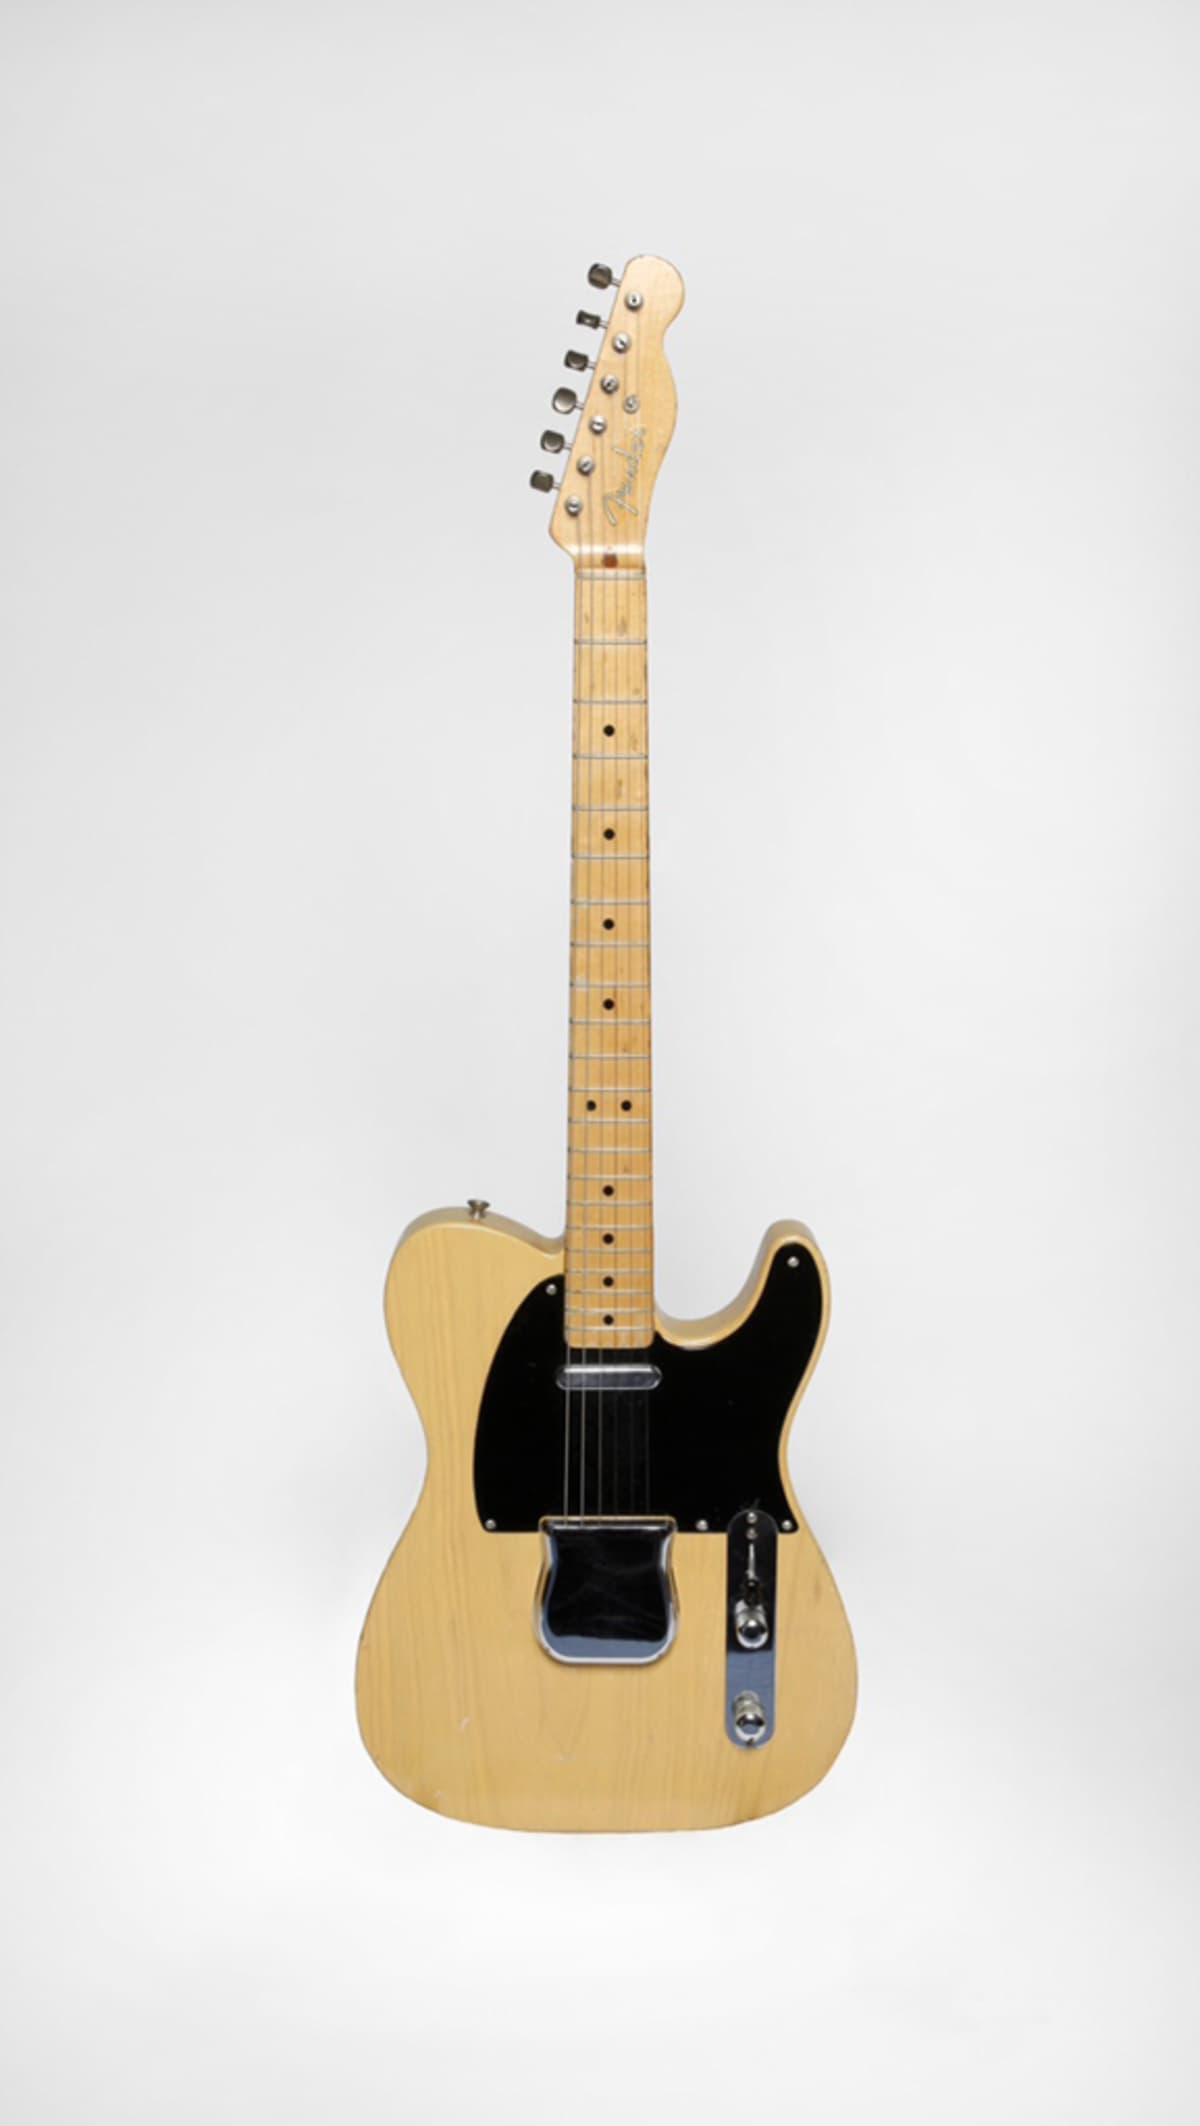 Fender Nocaster vuosimallia 1951.